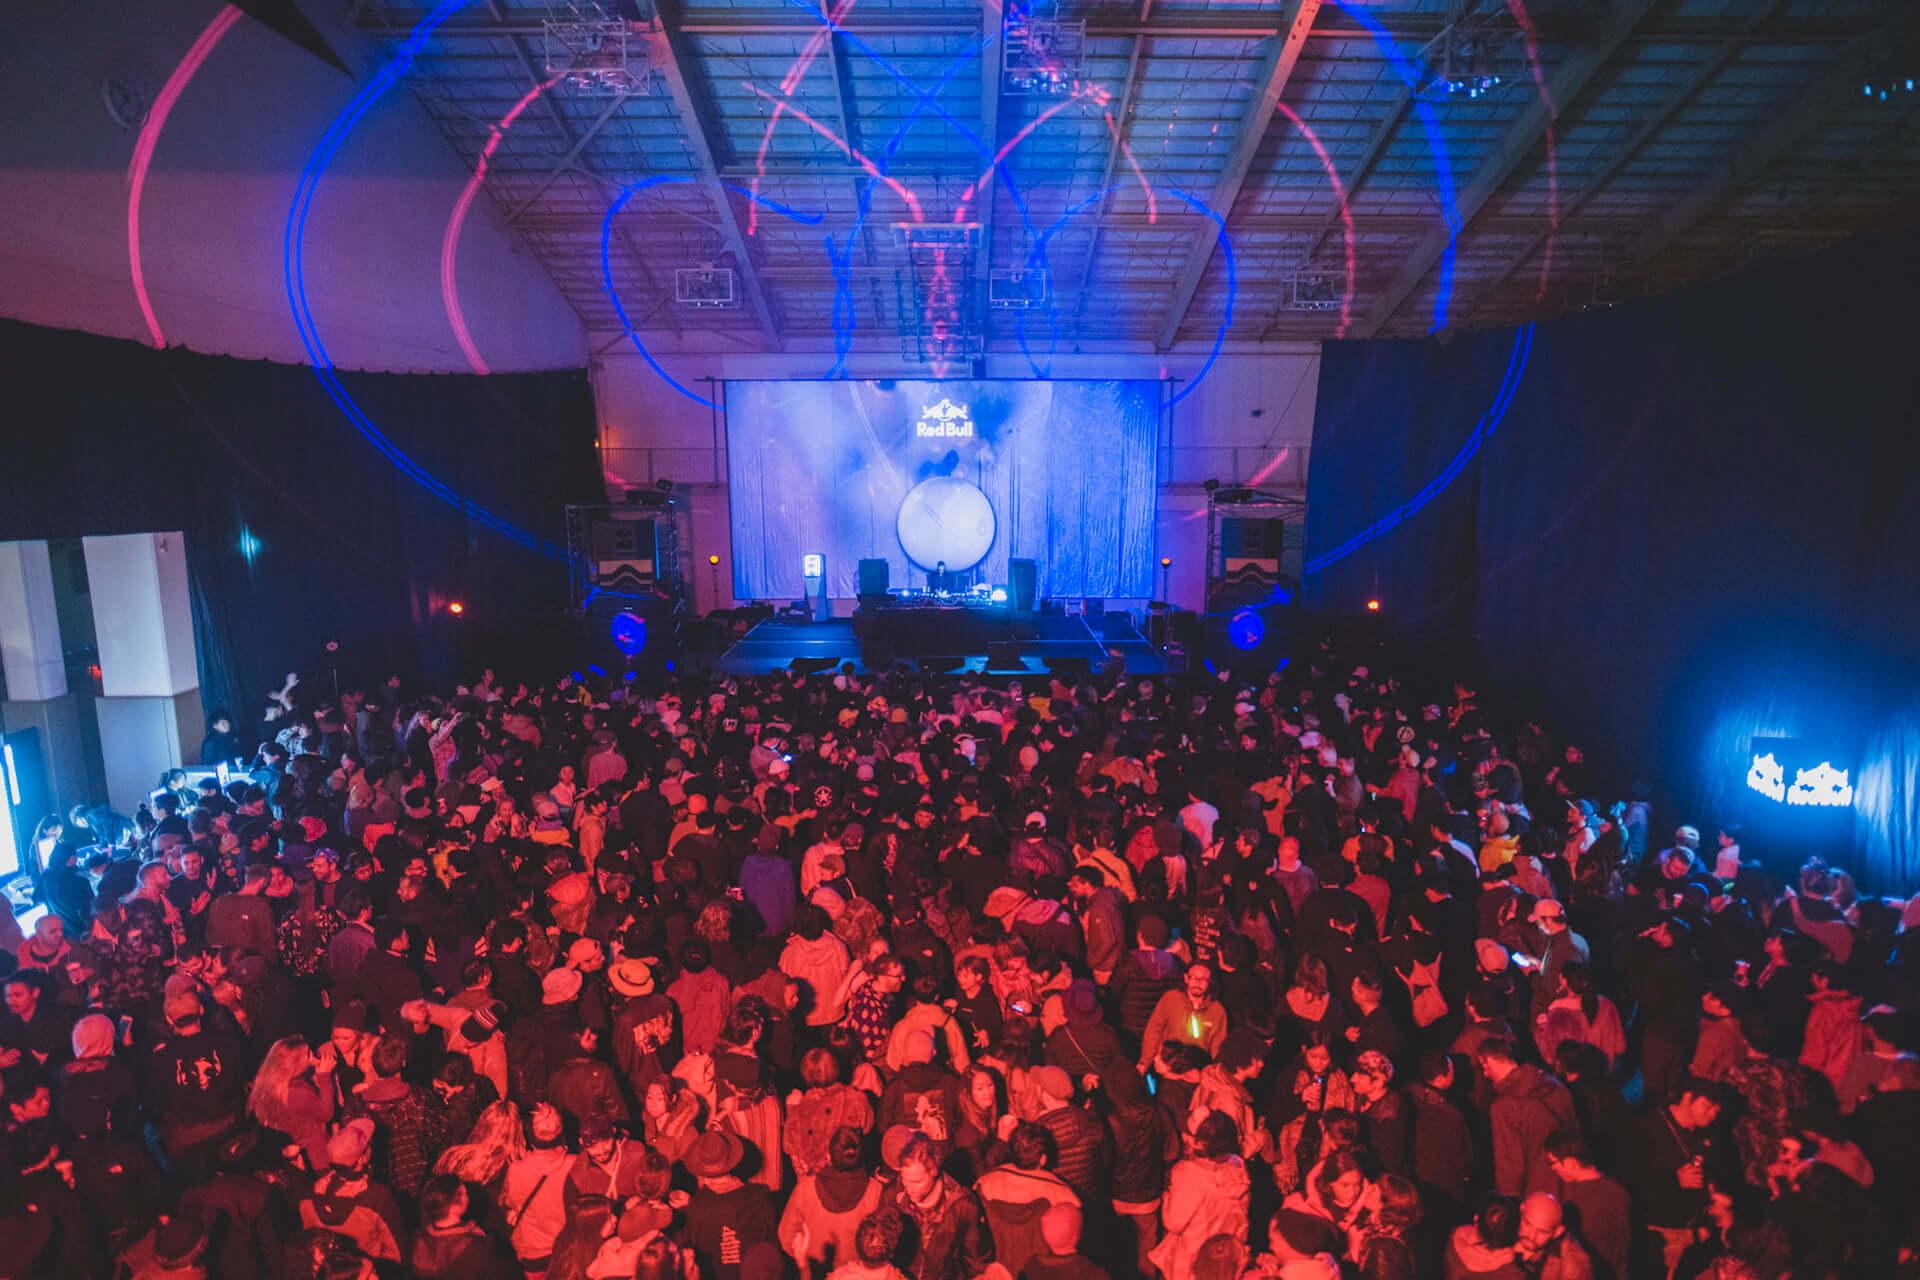 来年もあの場所で踊り明かそう!<RAIBOW DISCO CLUB 2020>開催決定 music190912_rainbowdiscoclub2020_4-1920x1280